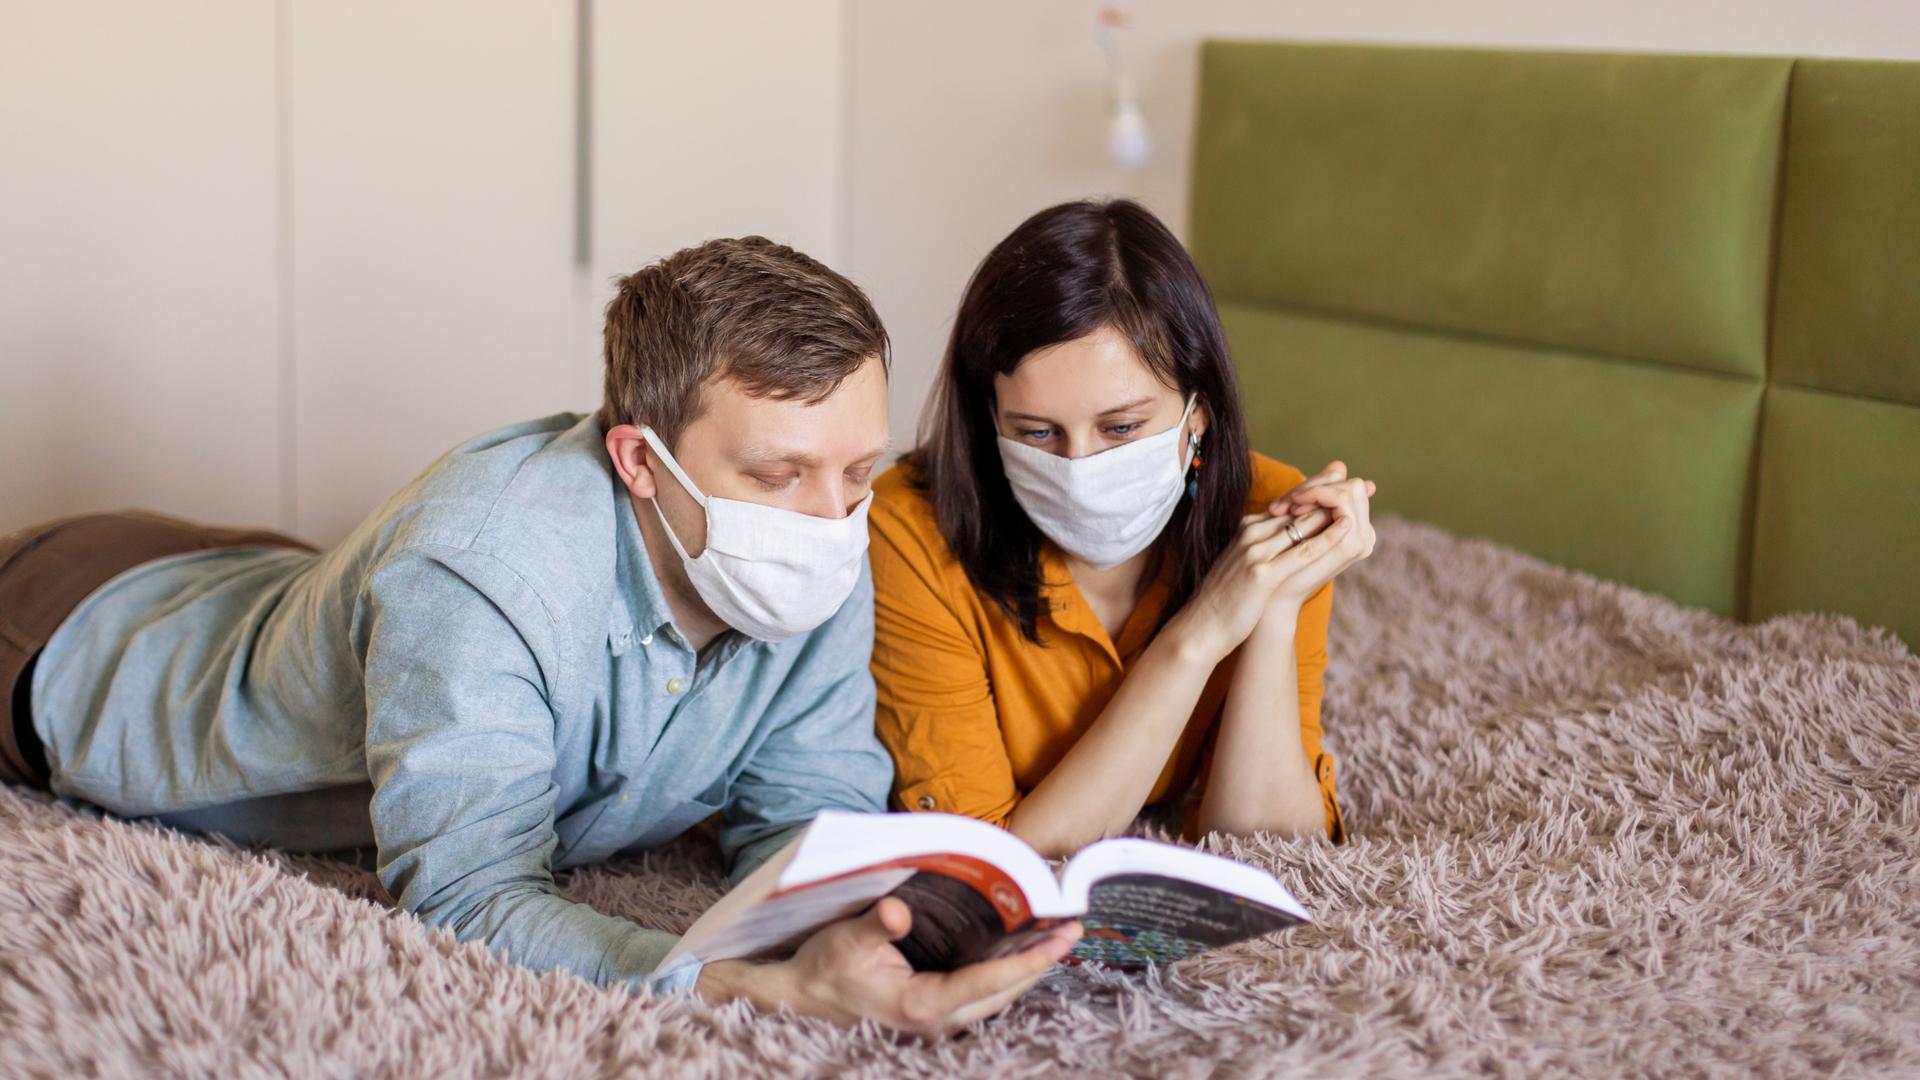 pareja leyendo en la cama con mascarillas